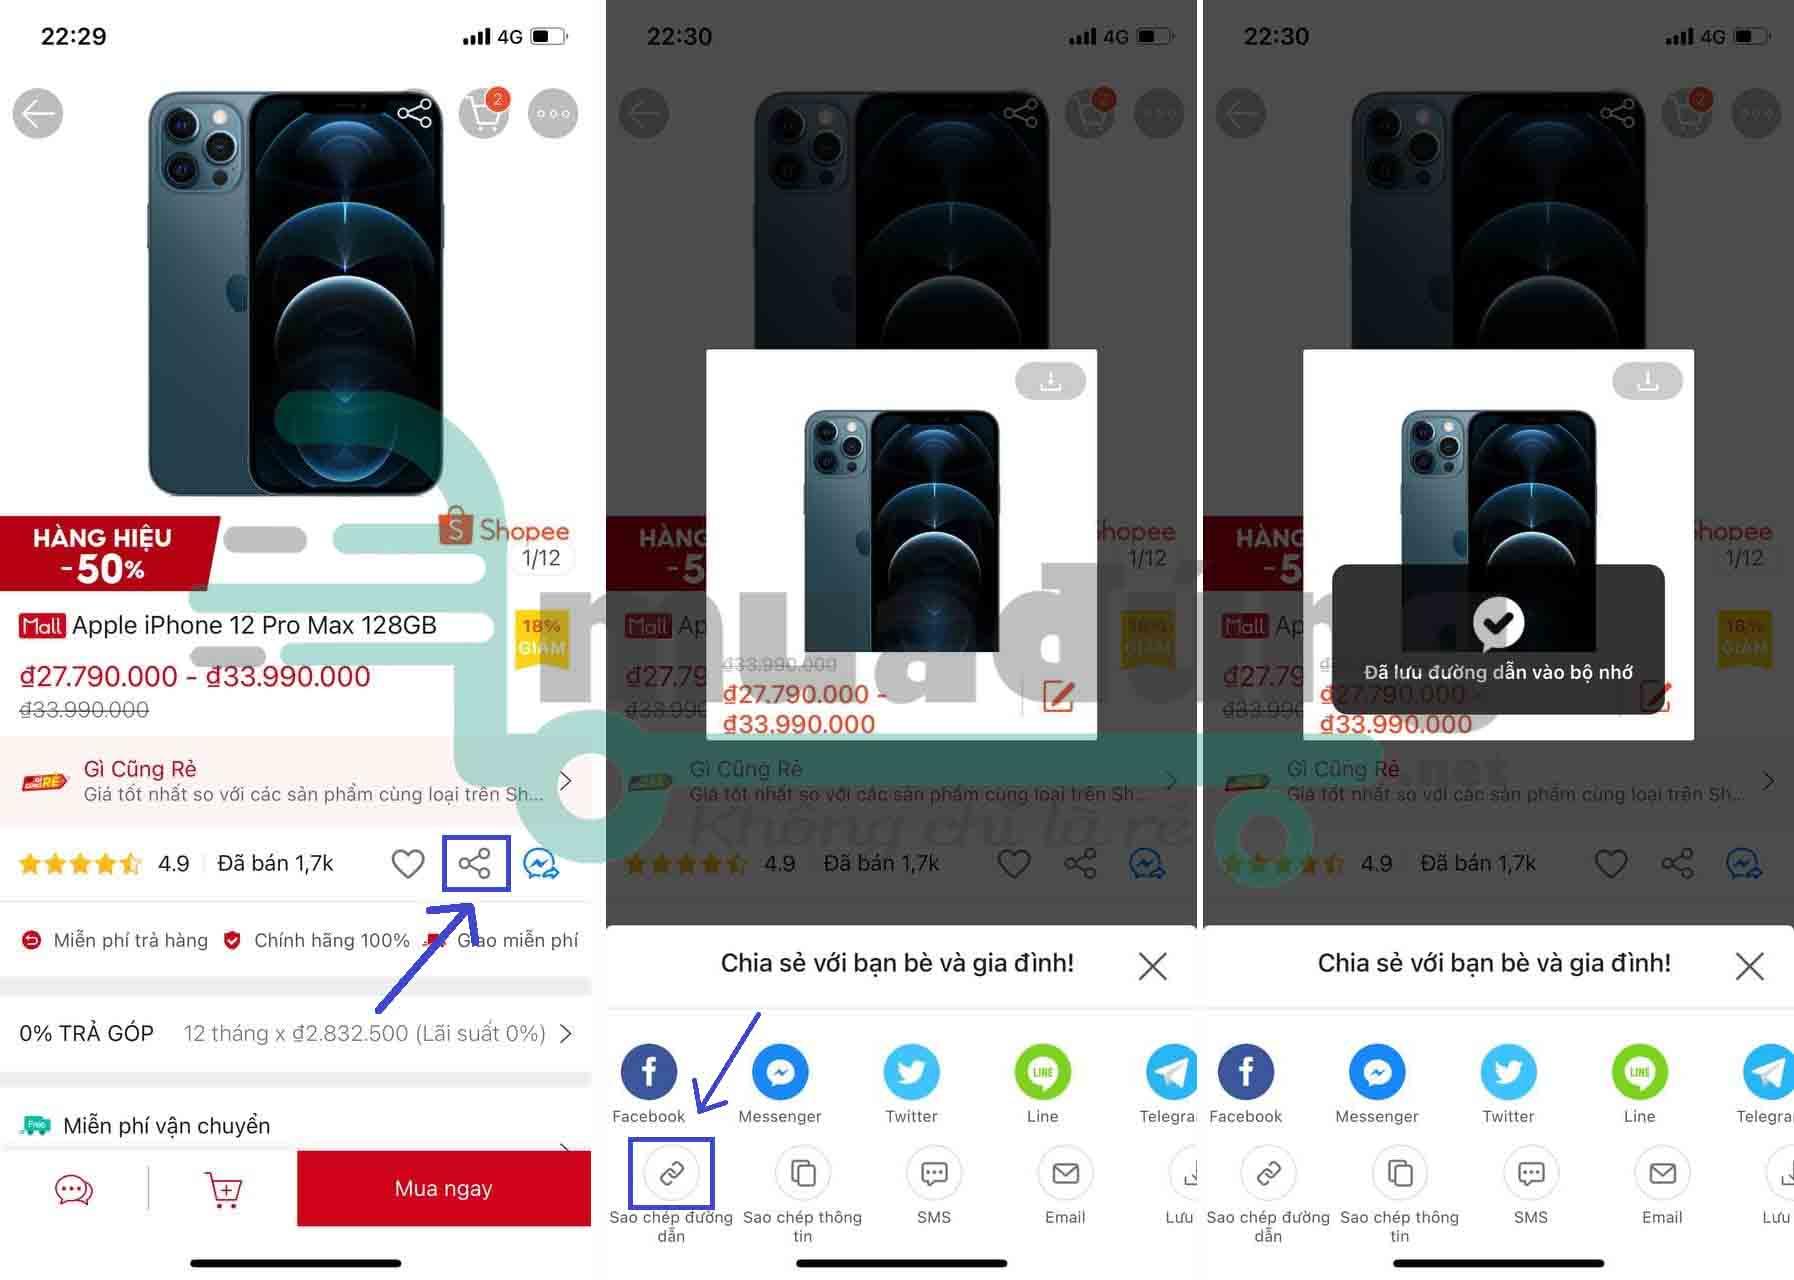 Cách copy link Shopee trên điện thoại